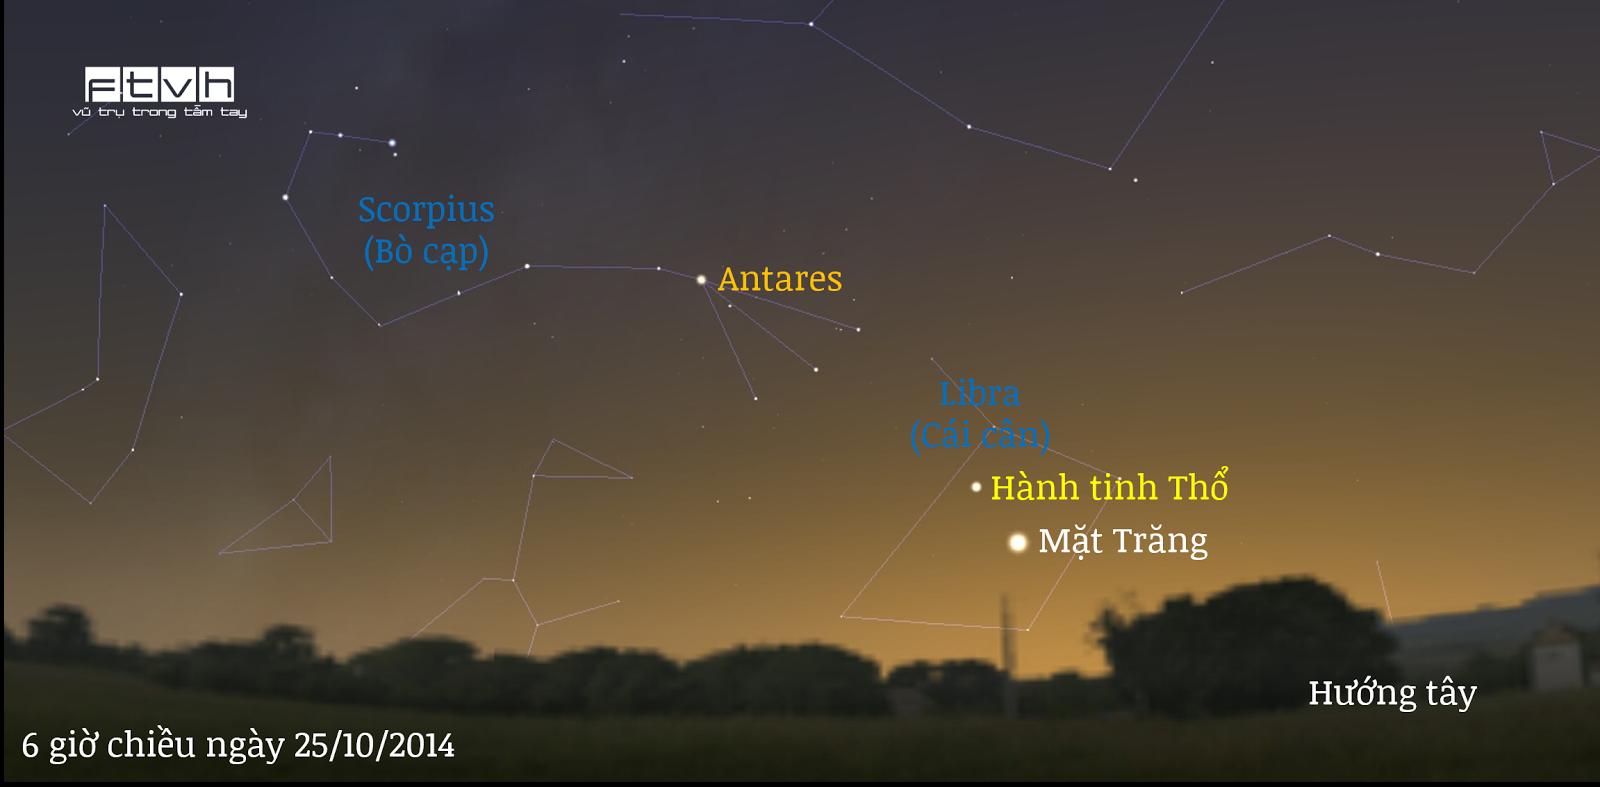 Minh họa bầu trời buổi chiều 25/10 tới. Các thiên thể sẽ nằm rất thấp gần chân trời, bạn hãy cố gắng quan sát được thử thách khó khăn này nhé.